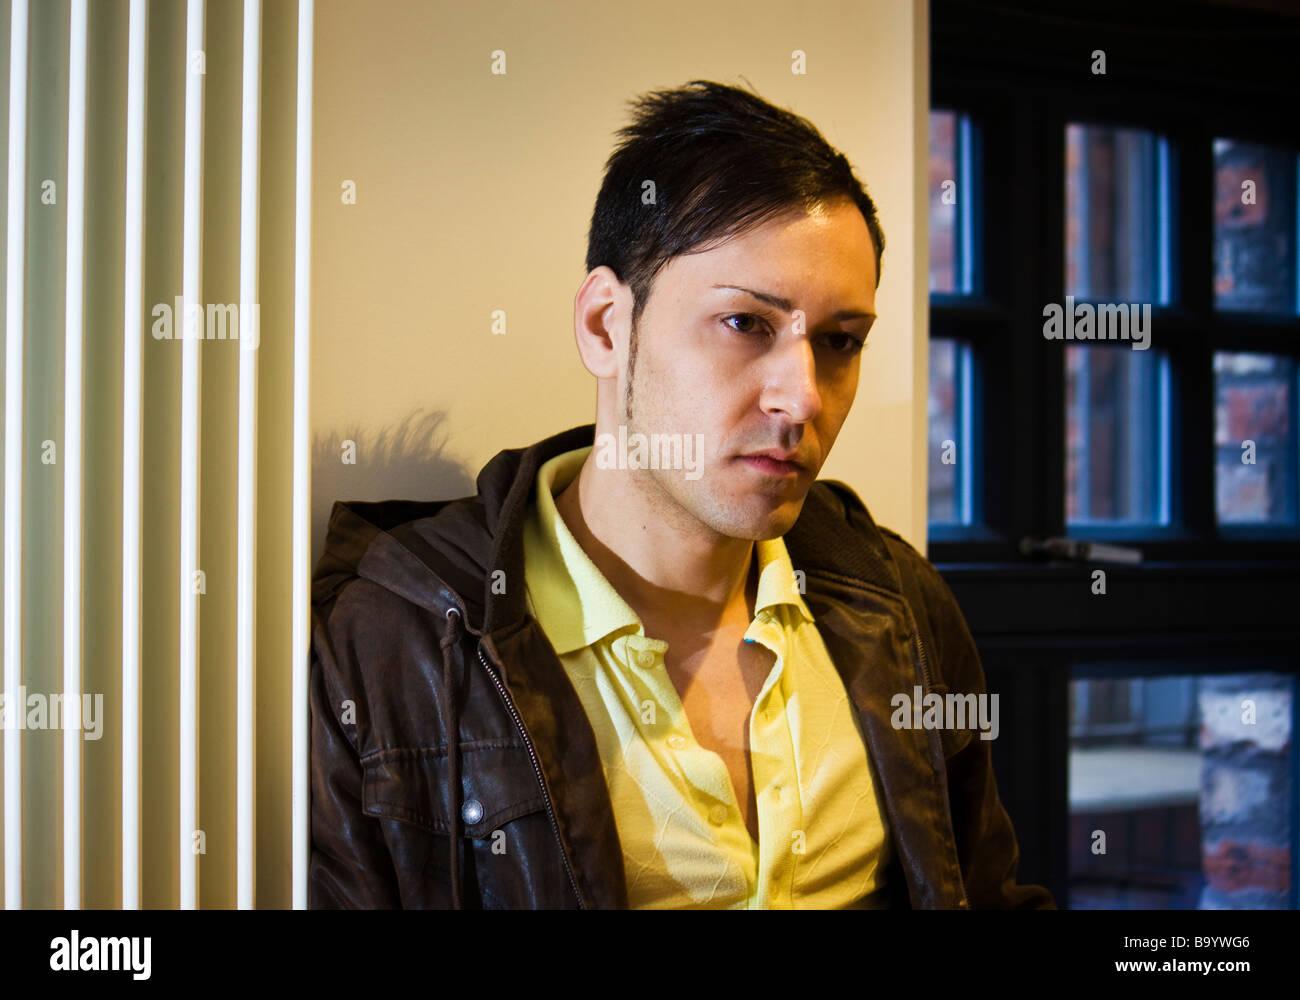 Man thinking - Stock Image